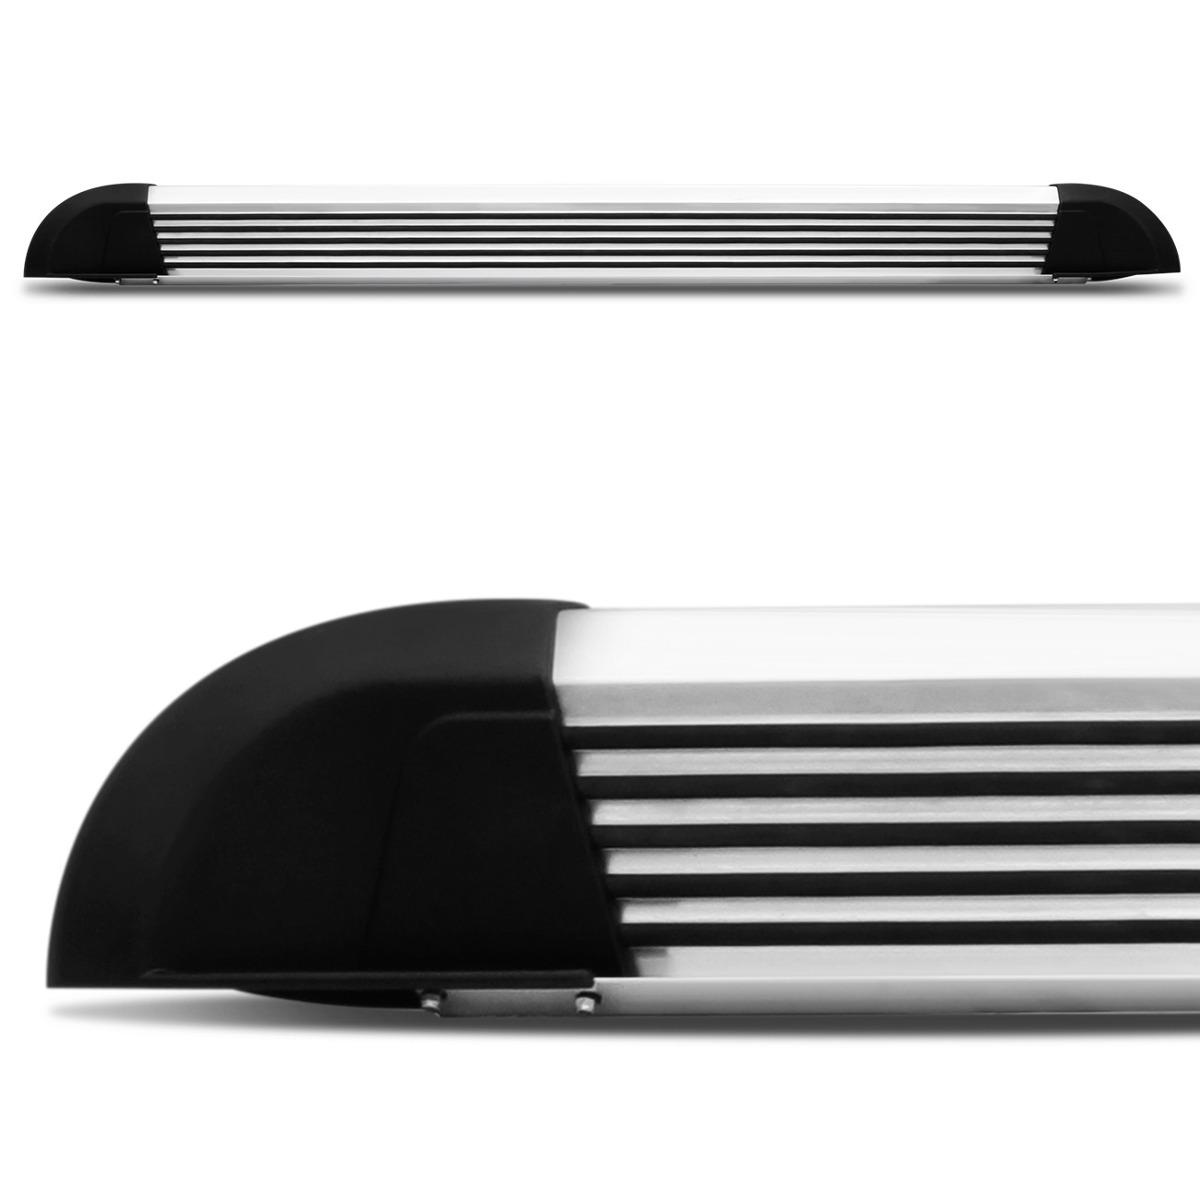 Estribo de alumínio modelo g2 - ford ecosport - bepo  - TERRA DE ASFALTO ACESSÓRIOS